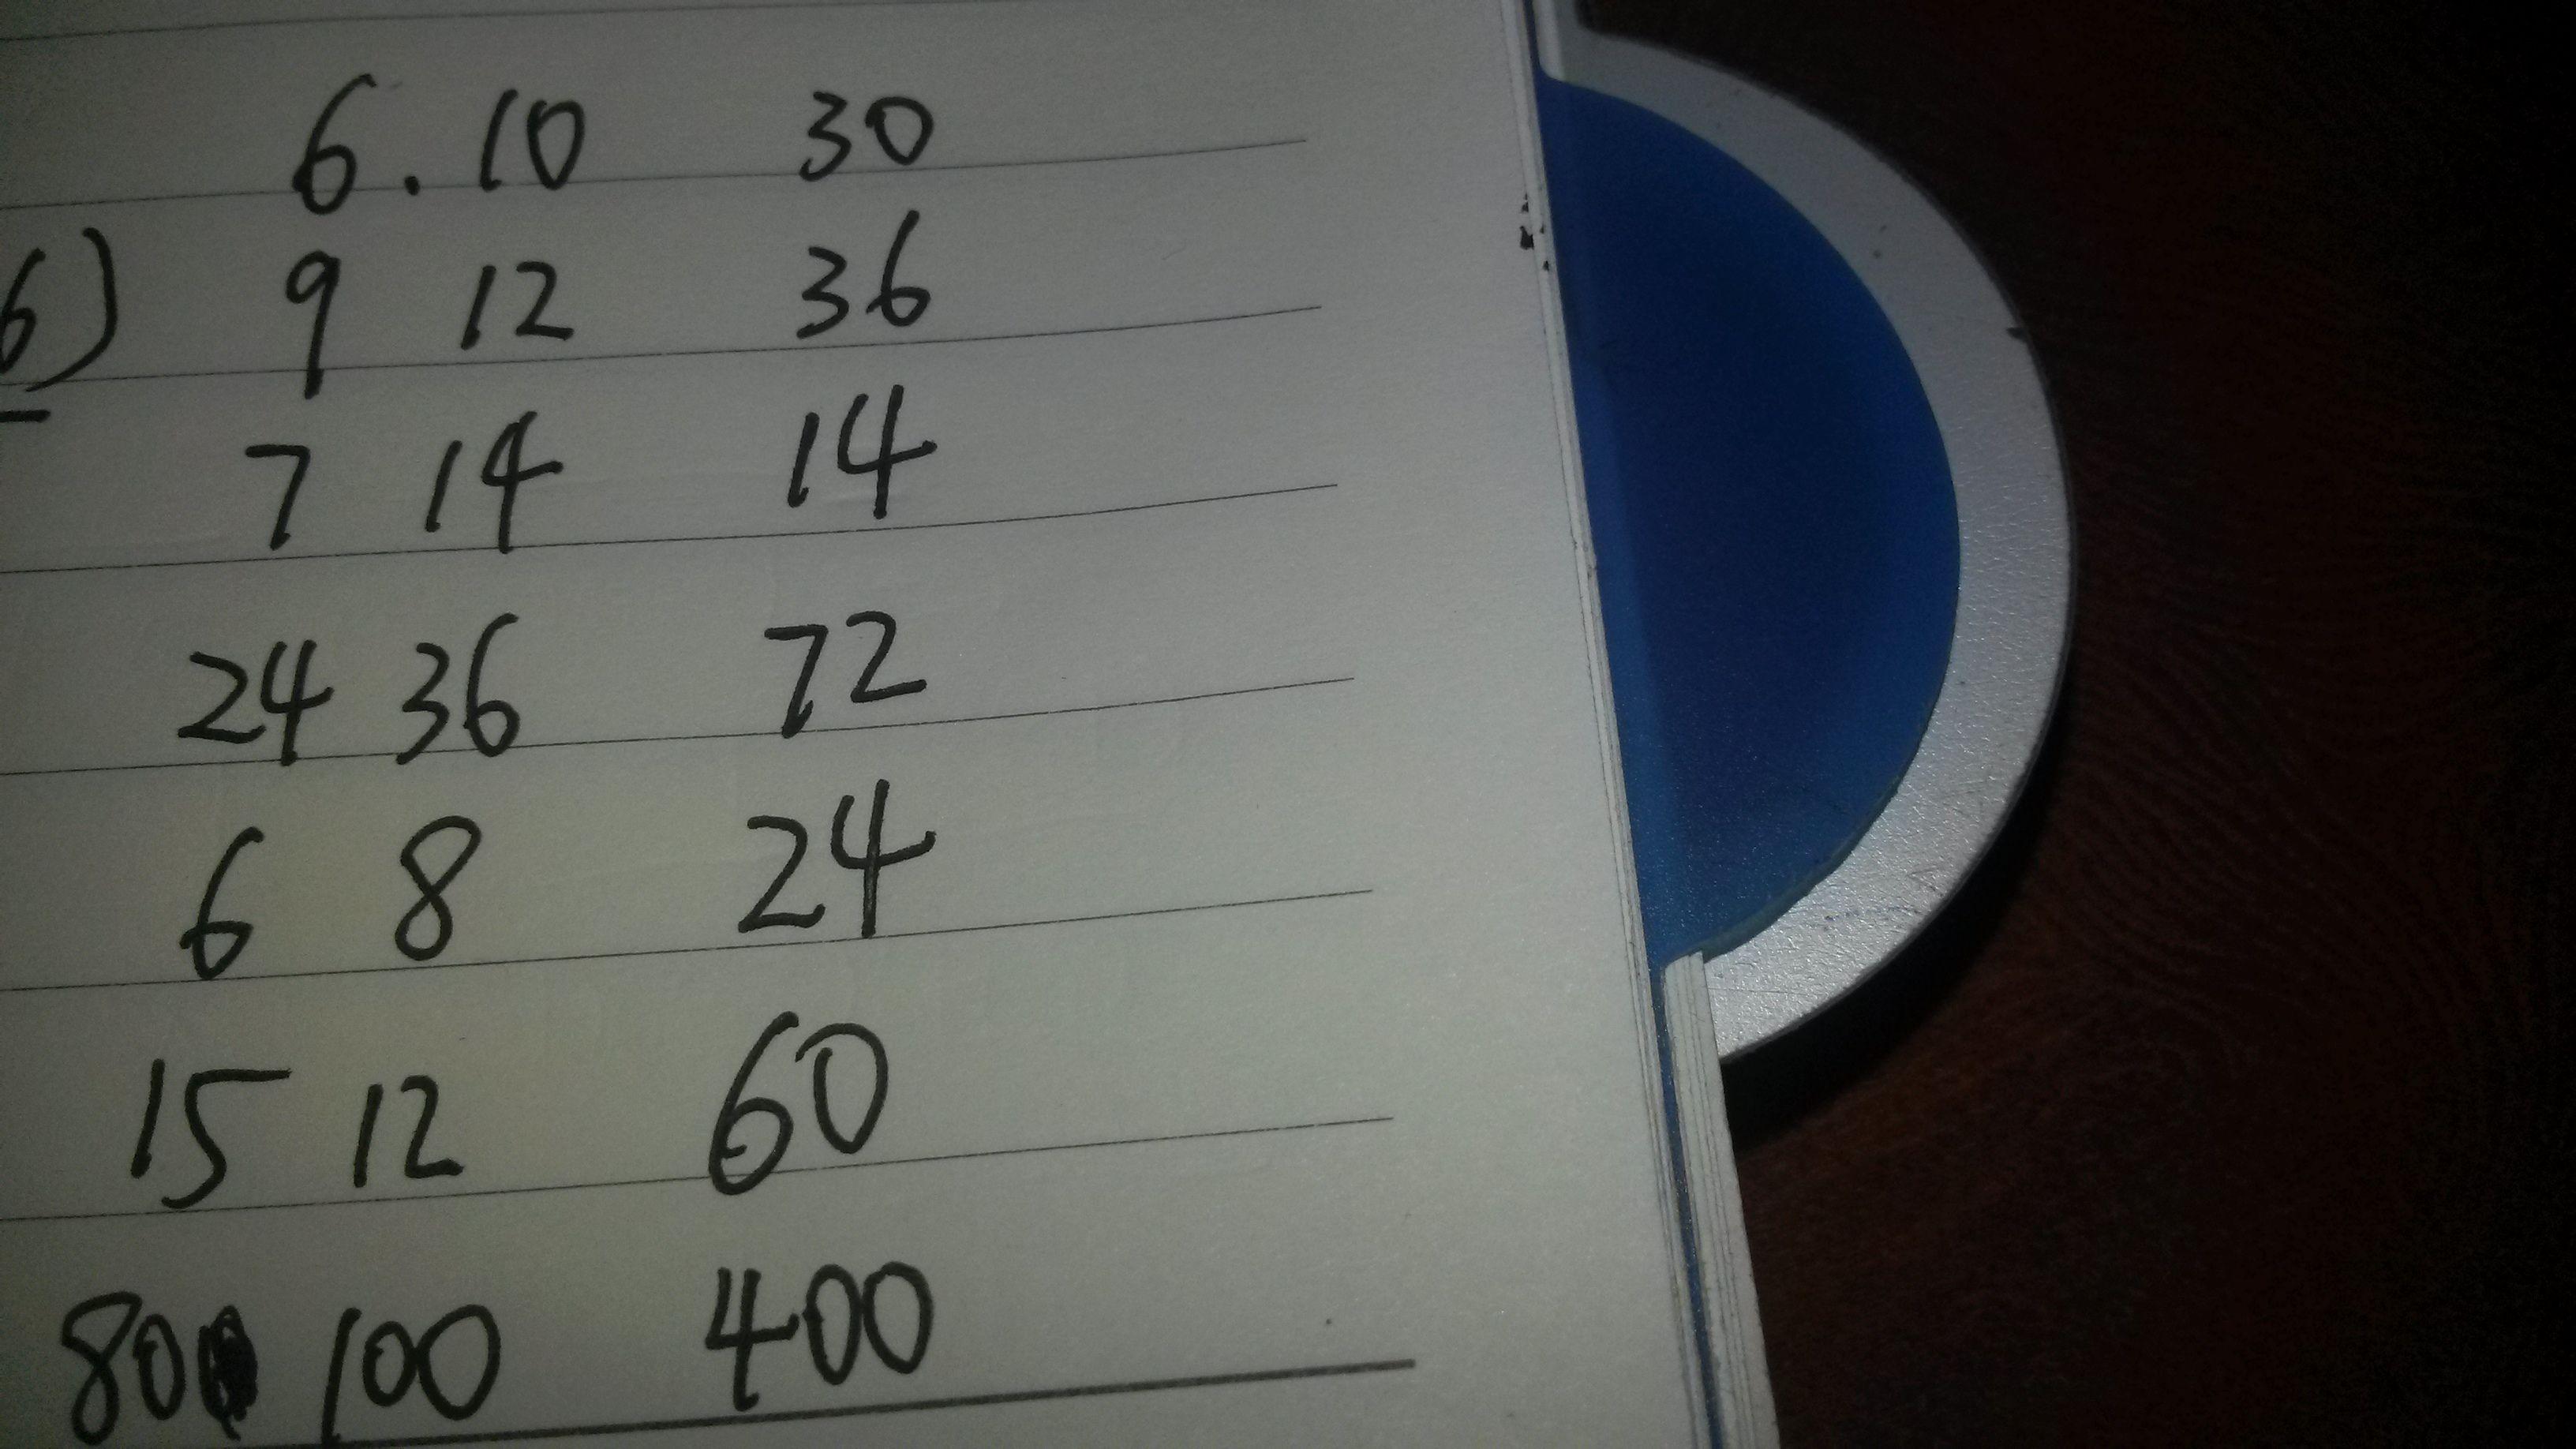 牛彩网福利彩票3d字谜图(cz89.com)3D图谜专区:提供今天最新最全的3D图谜、3D藏机图、一句定三码、彩吧图谜等所有知名图谜及汇总,每天晚上9点开始更新。盈禾国际备用网址_472的动态 - 微盘[天天]145期今日3D杀和尾 68错4 05-31 [彩票红]第145期福彩3D杀和尾 99错05-31 [老陈]145期福彩3D杀和尾 49错1 05-31 [活着修行]第145期3d杀尾 60错4 05-31 [邓兴]18145期3D本期杀和尾 61错1 05-31 [四川3D狂]18144期今日3D杀尾 41错05-31 [彩票有缘]18145期3D.